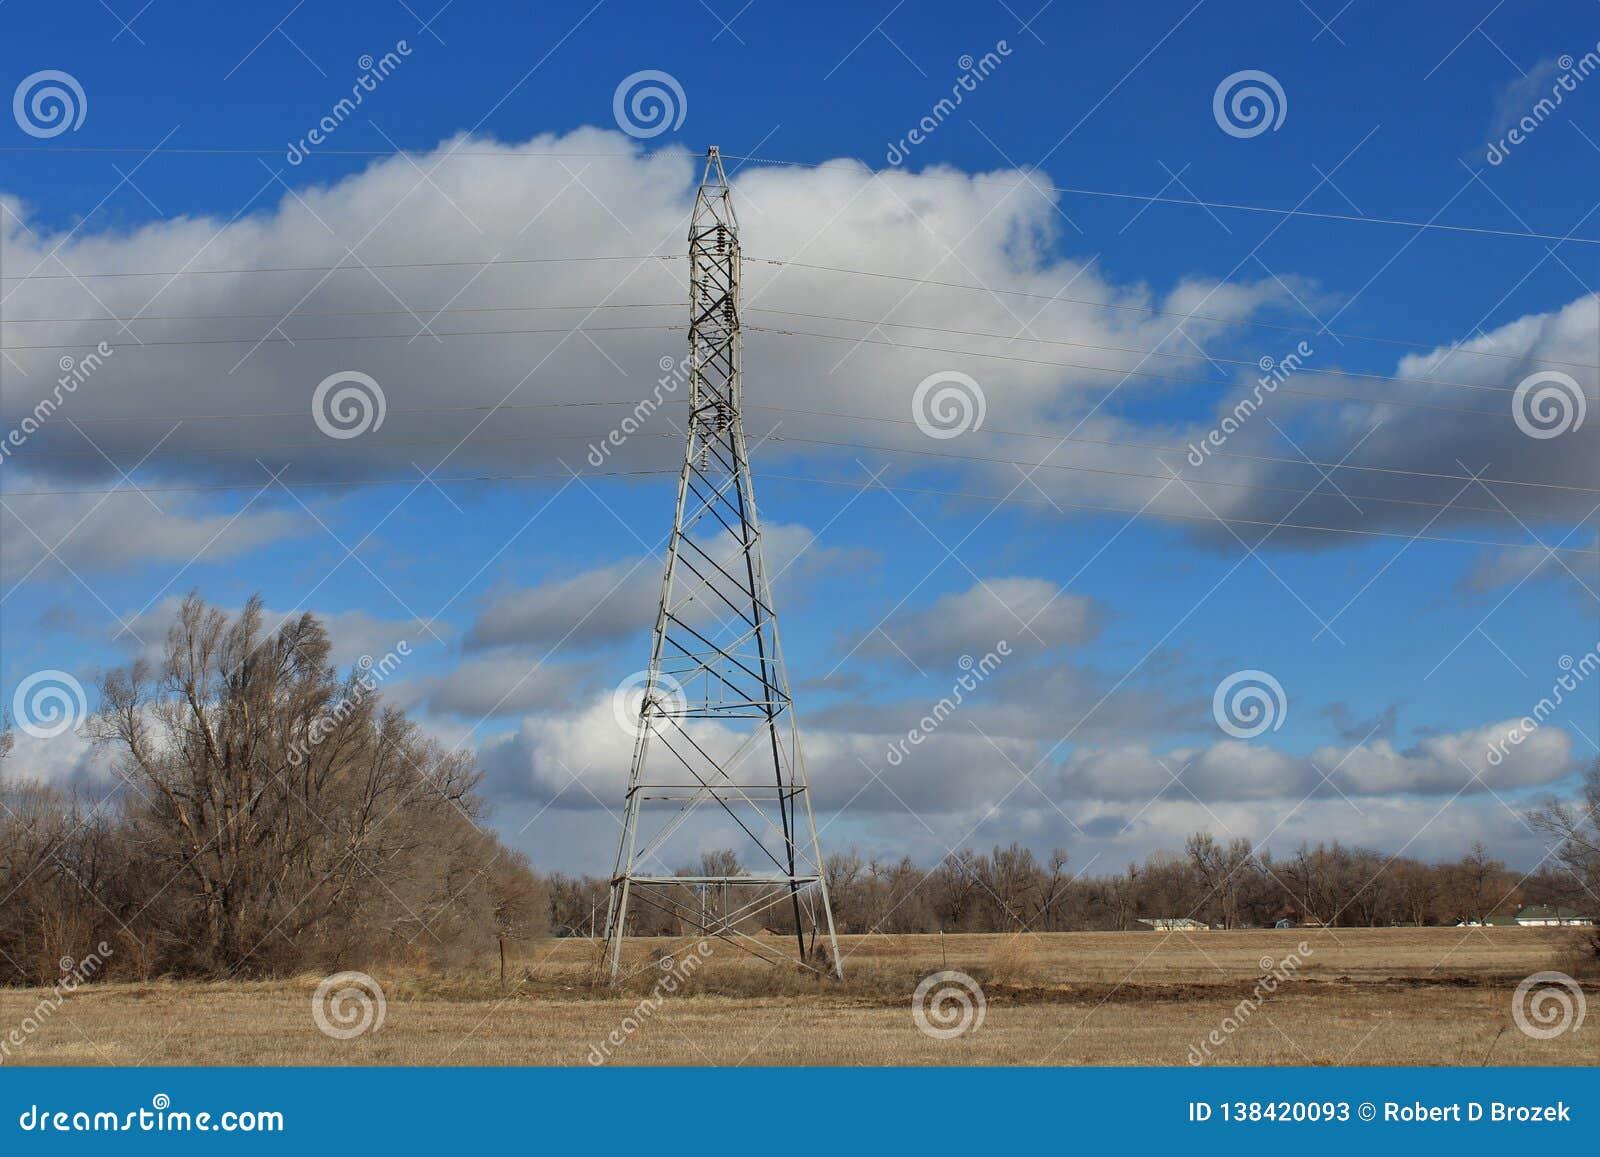 Energie-Turm auf einem Gebiet mit blauem Himmel und weißen Wolken